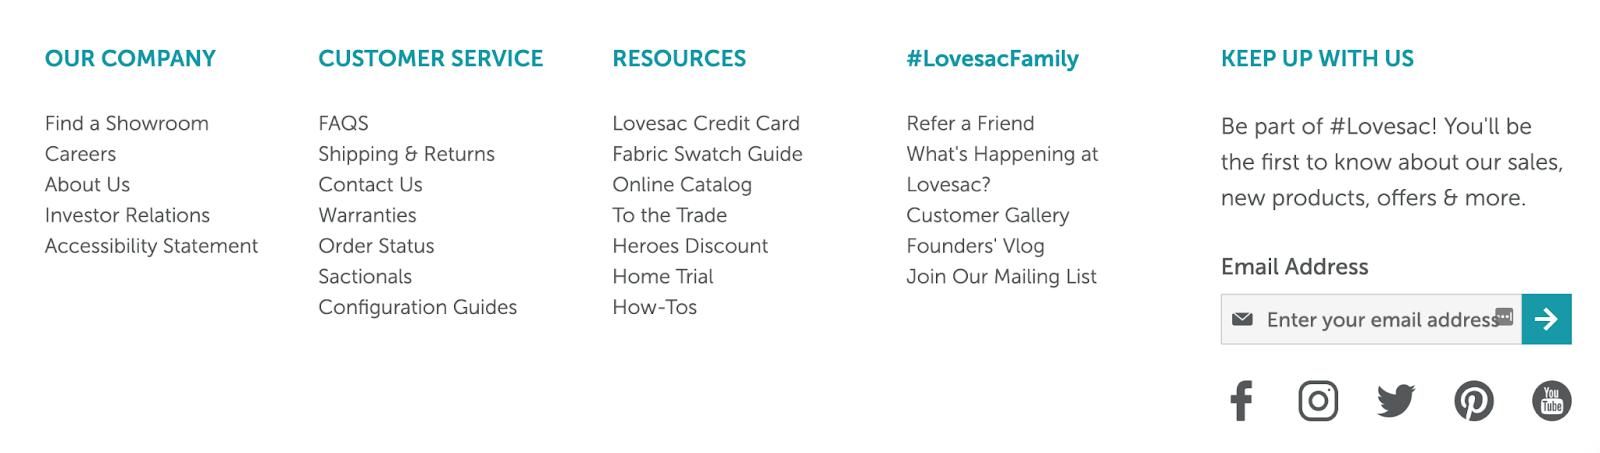 página de inicio del sitio web de lovesac con recursos y CTA en el pie de página